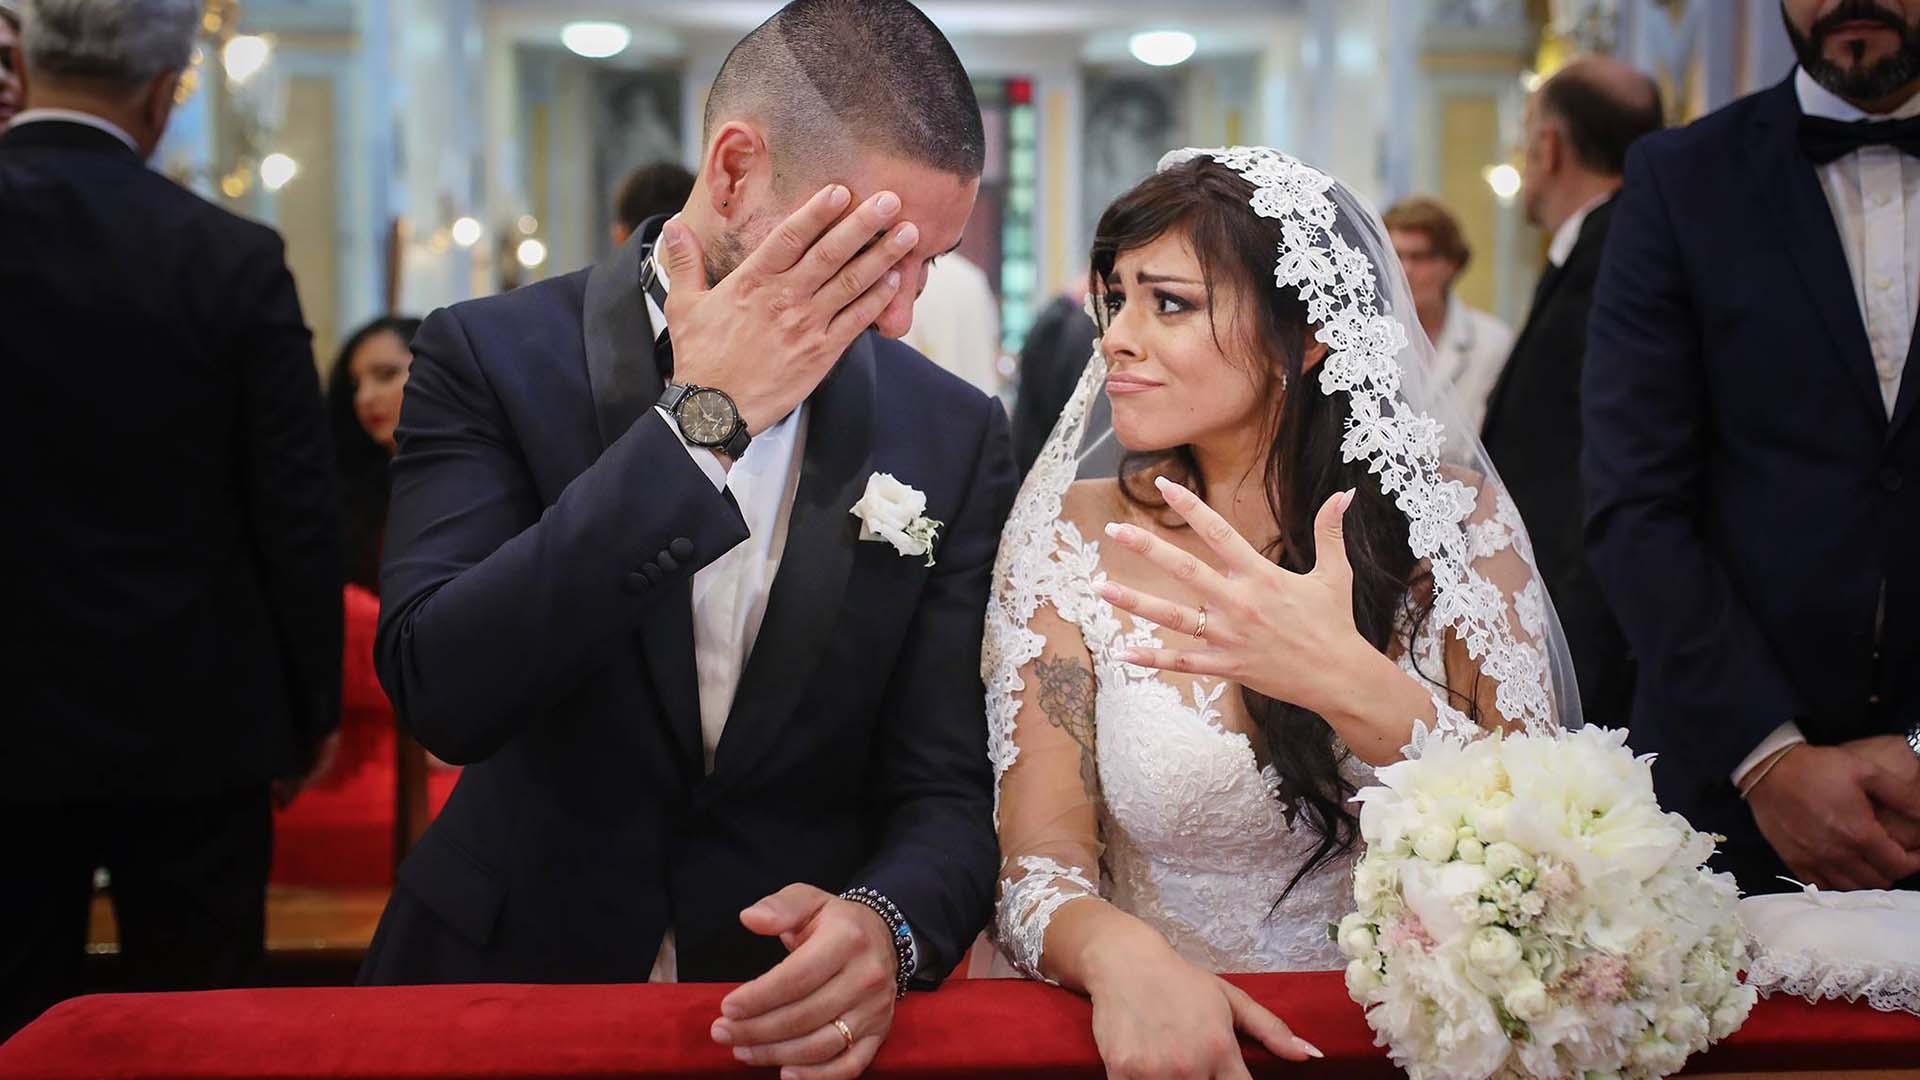 wedding-amalfi_1_0049_50297787_2232779303453603_5881016212091043840_o-2